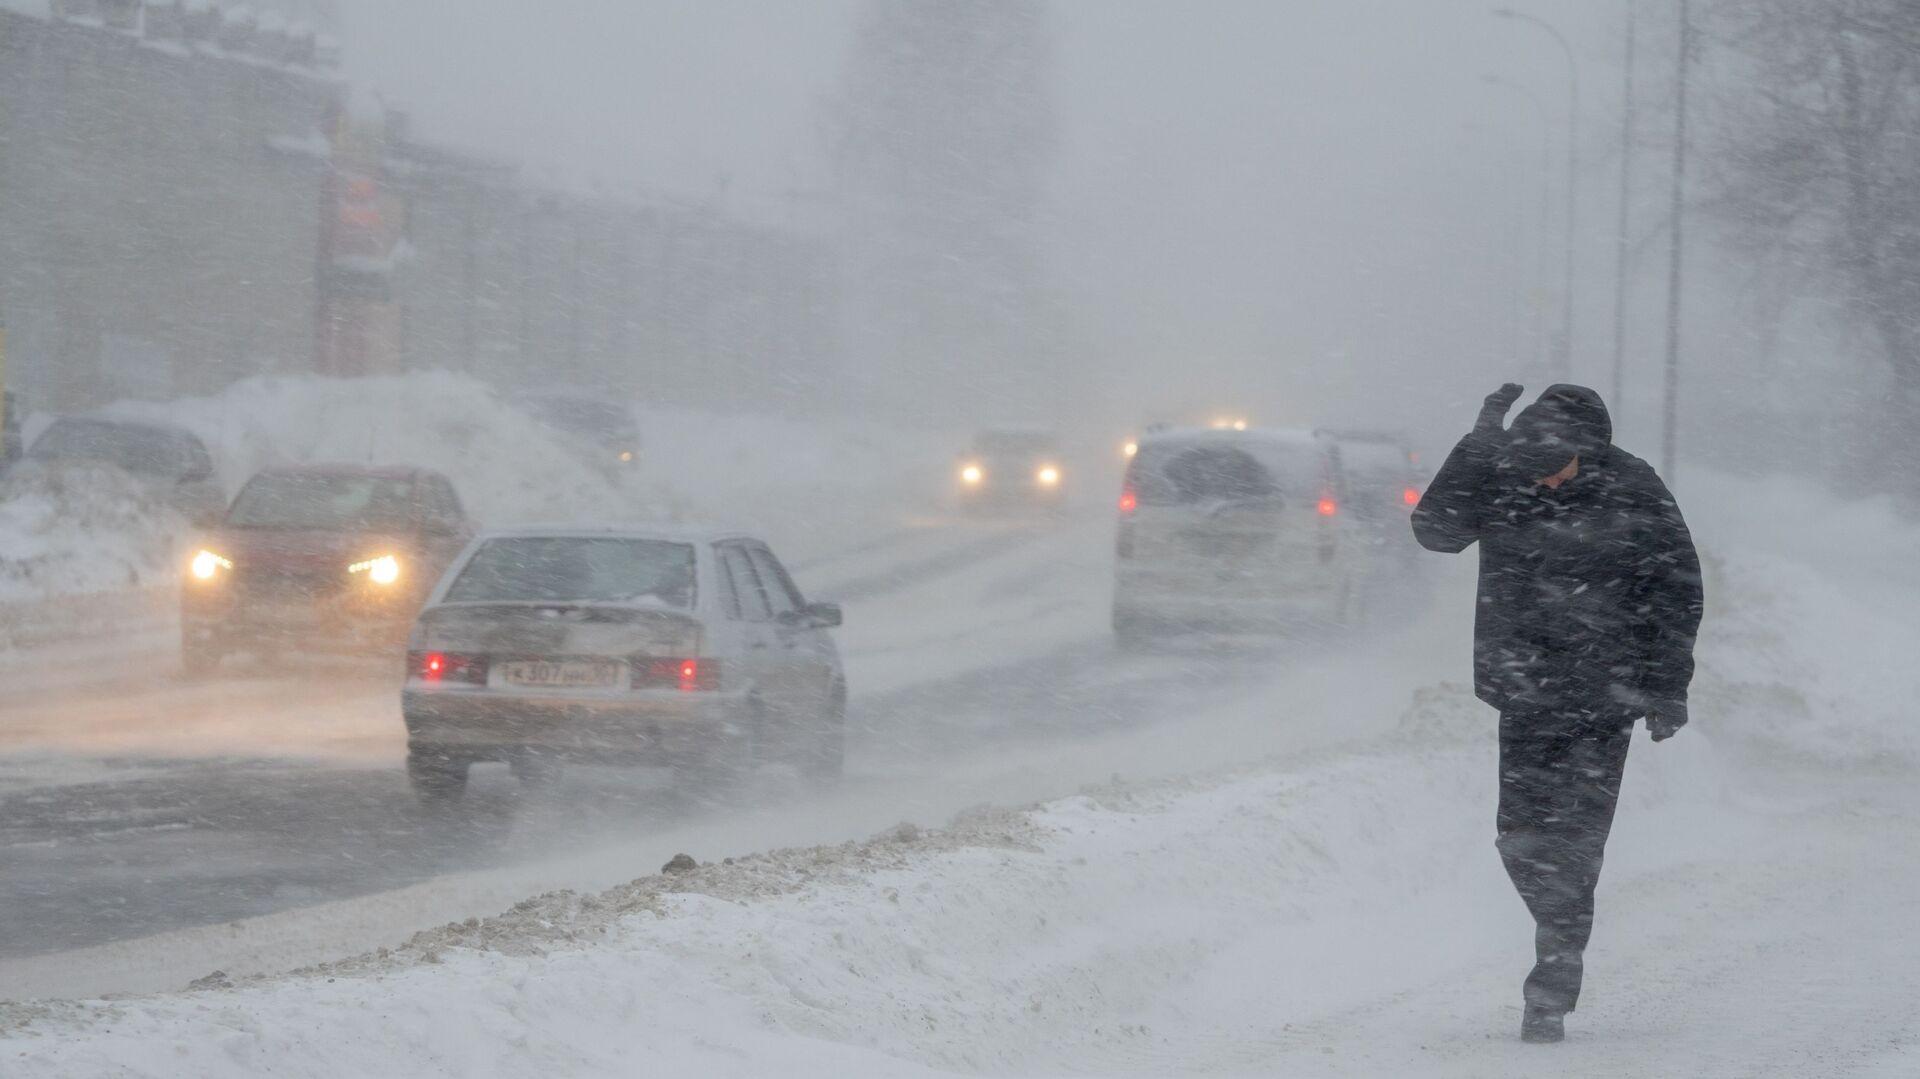 Прохожий на одной из улиц в Петрозаводске во время снегопада - РИА Новости, 1920, 26.02.2021